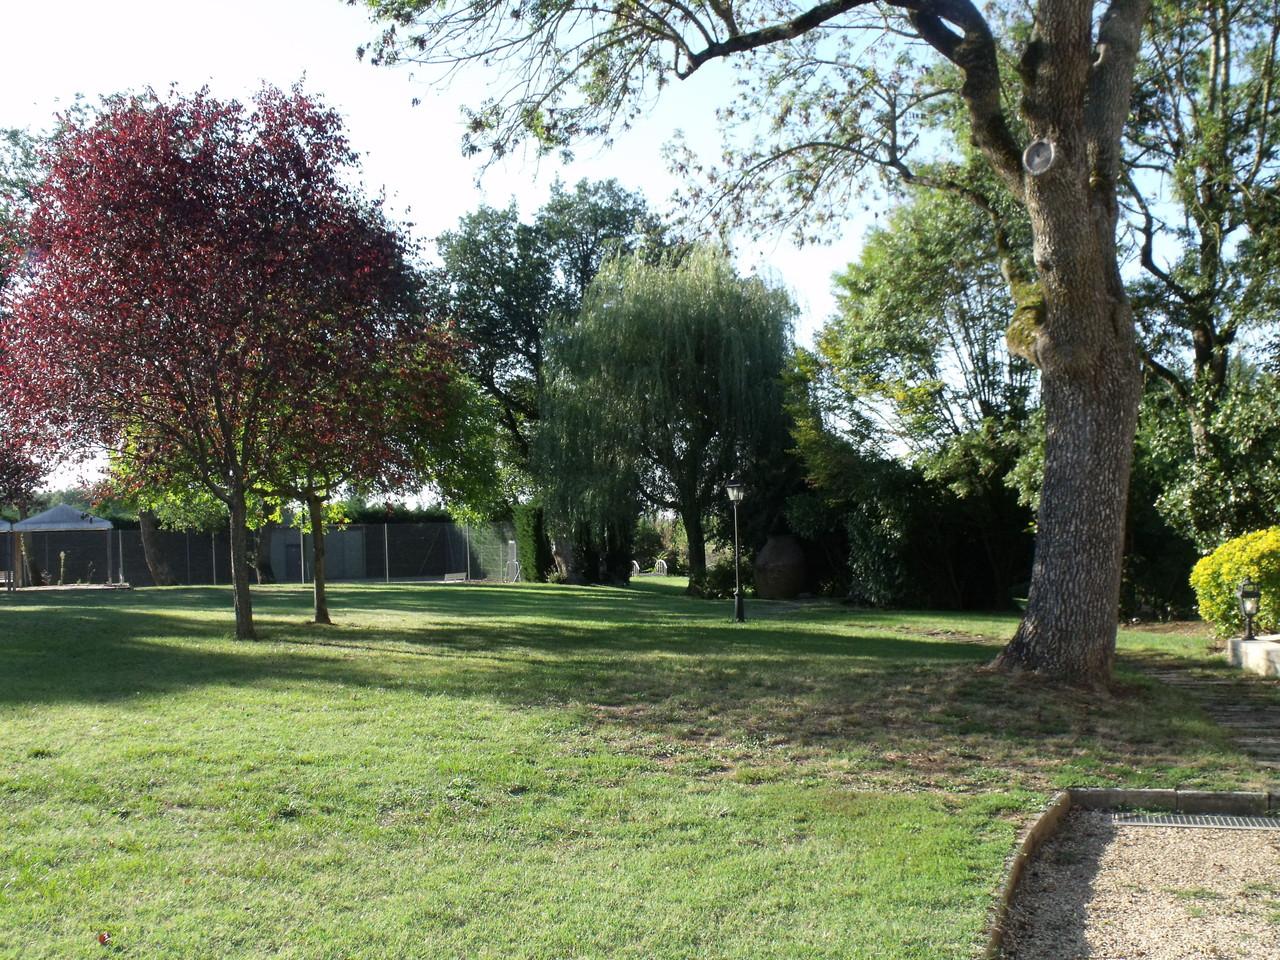 Vue parc depuis terrasse maison